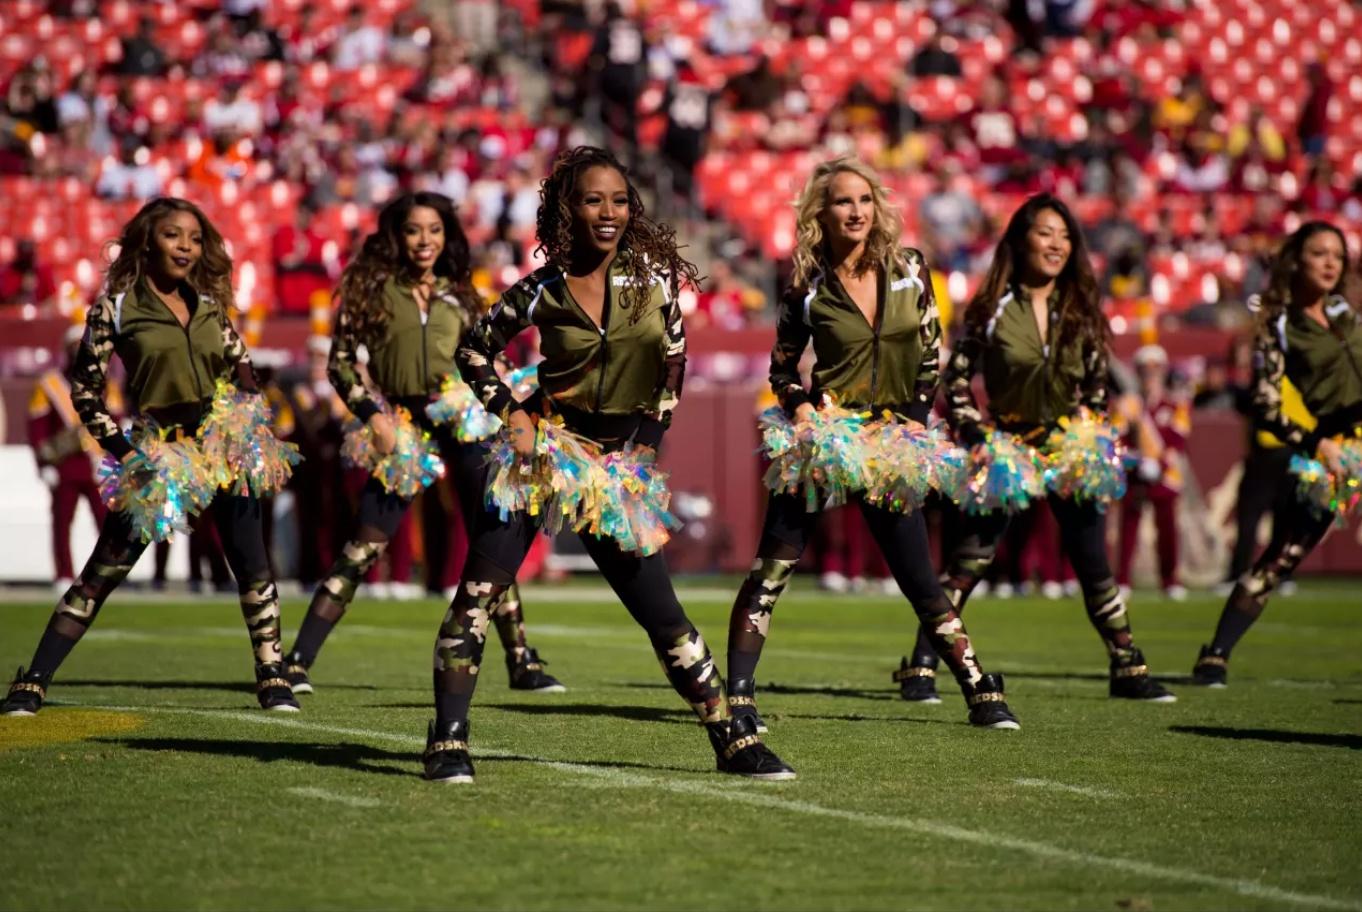 Military appreciation pro cheer uniforms